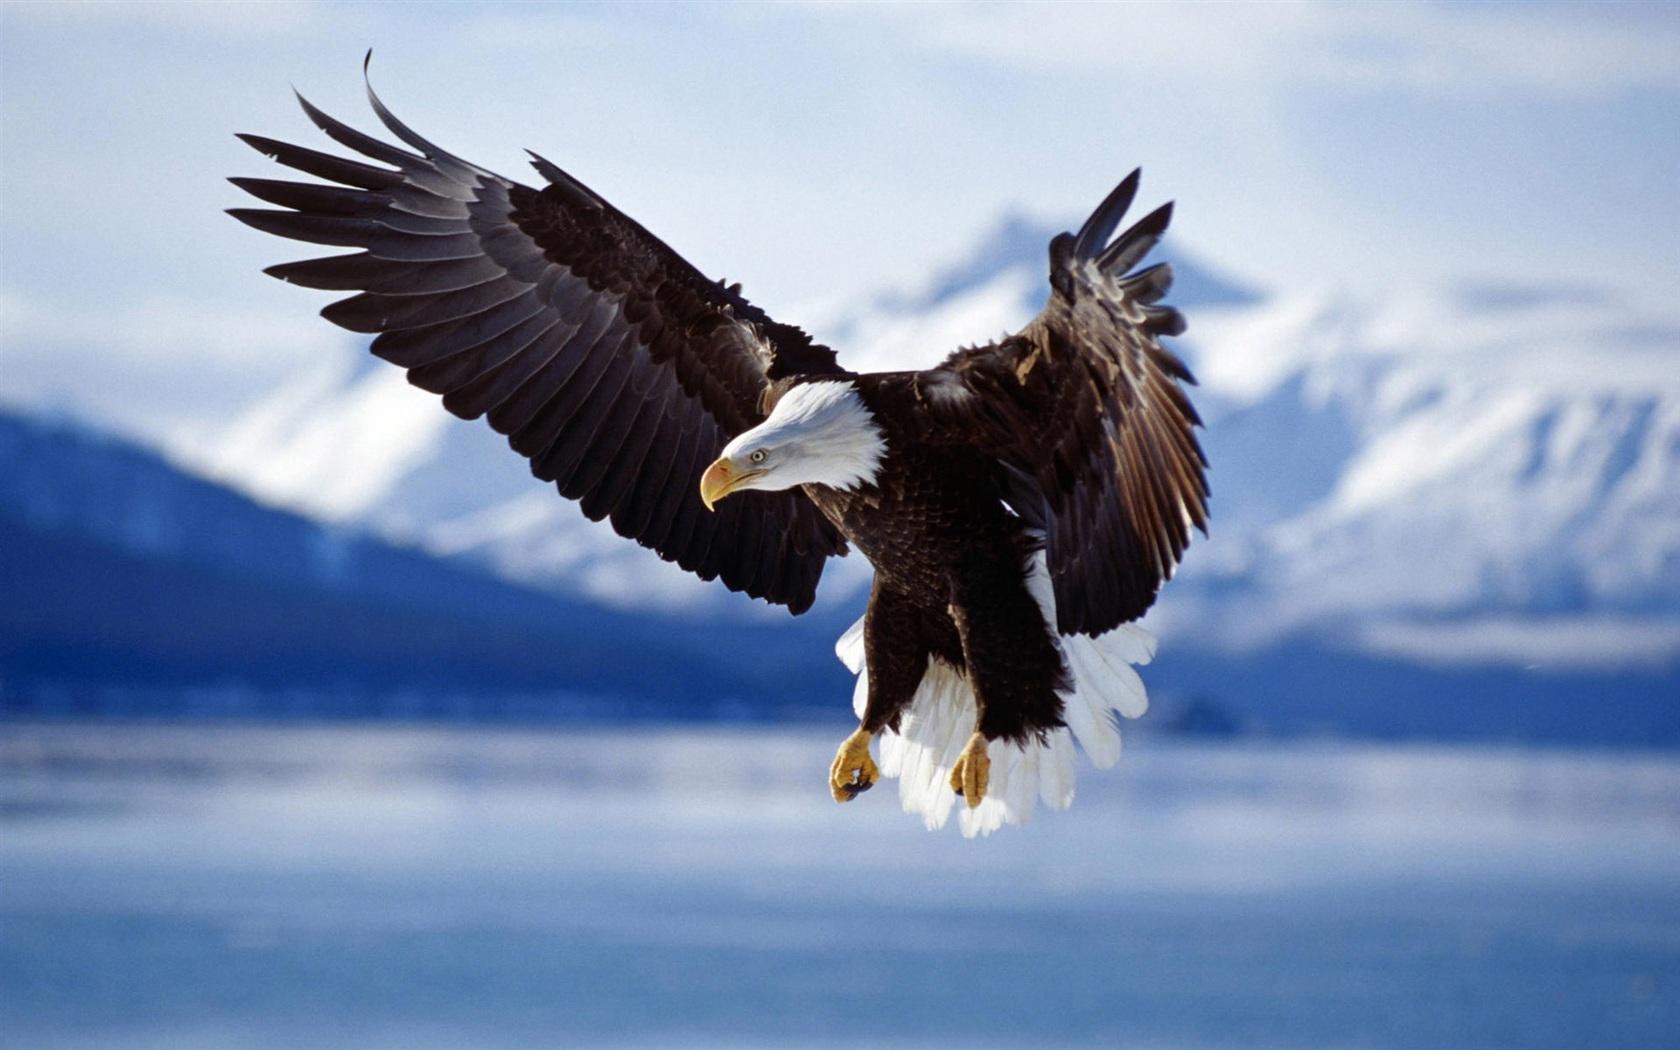 翱翔的老鹰背景-湖面上飞行的鹰 1680x1050